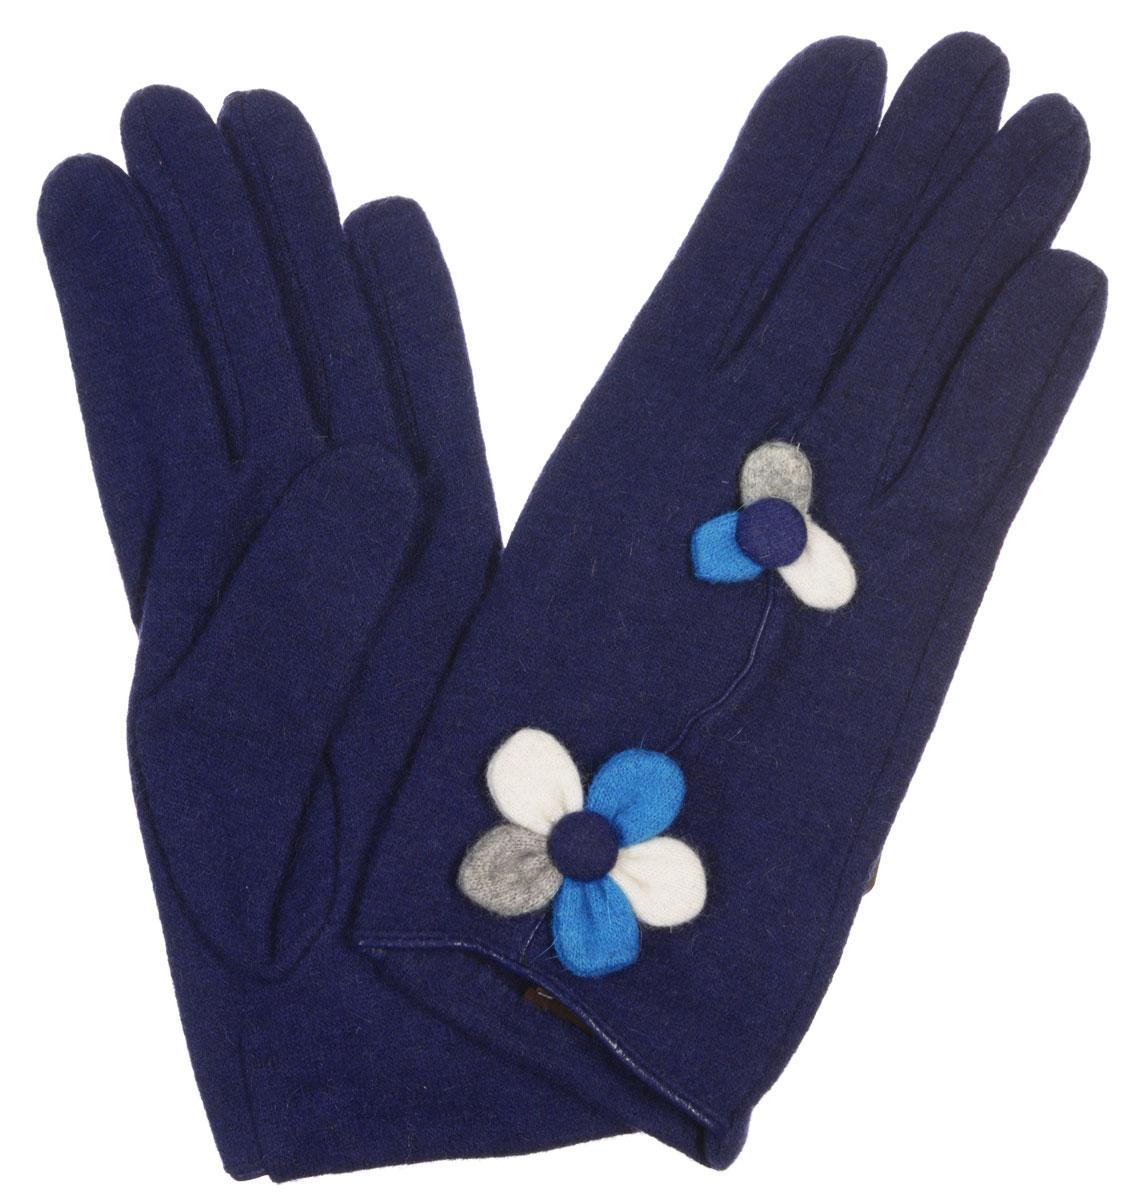 ПерчаткиLB-PH-31Элегантные женские перчатки Labbra станут великолепным дополнением вашего образа и защитят ваши руки от холода и ветра во время прогулок. Перчатки выполнены из плотного шерстяного трикотажа. Модель оформлена декоративным цветами на лицевой стороне. Такие перчатки будут оригинальным завершающим штрихом в создании современного модного образа, они подчеркнут ваш изысканный вкус и станут незаменимым и практичным аксессуаром.